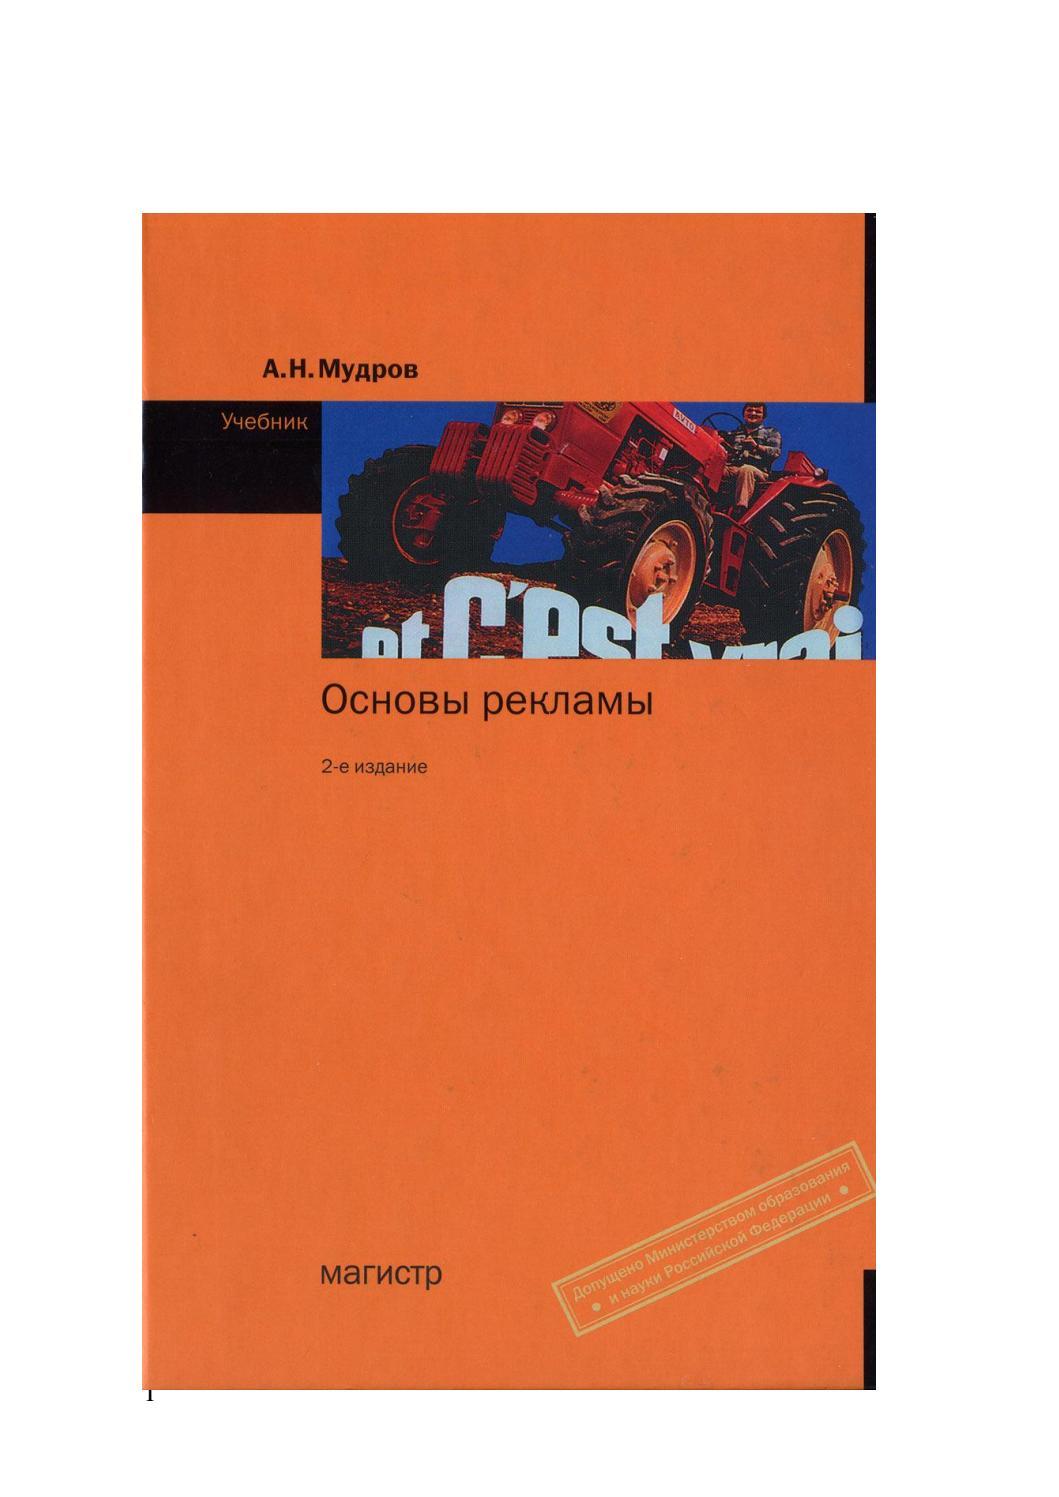 Основы рекламы. 2-е издание, 2008, А. Н. Мудров